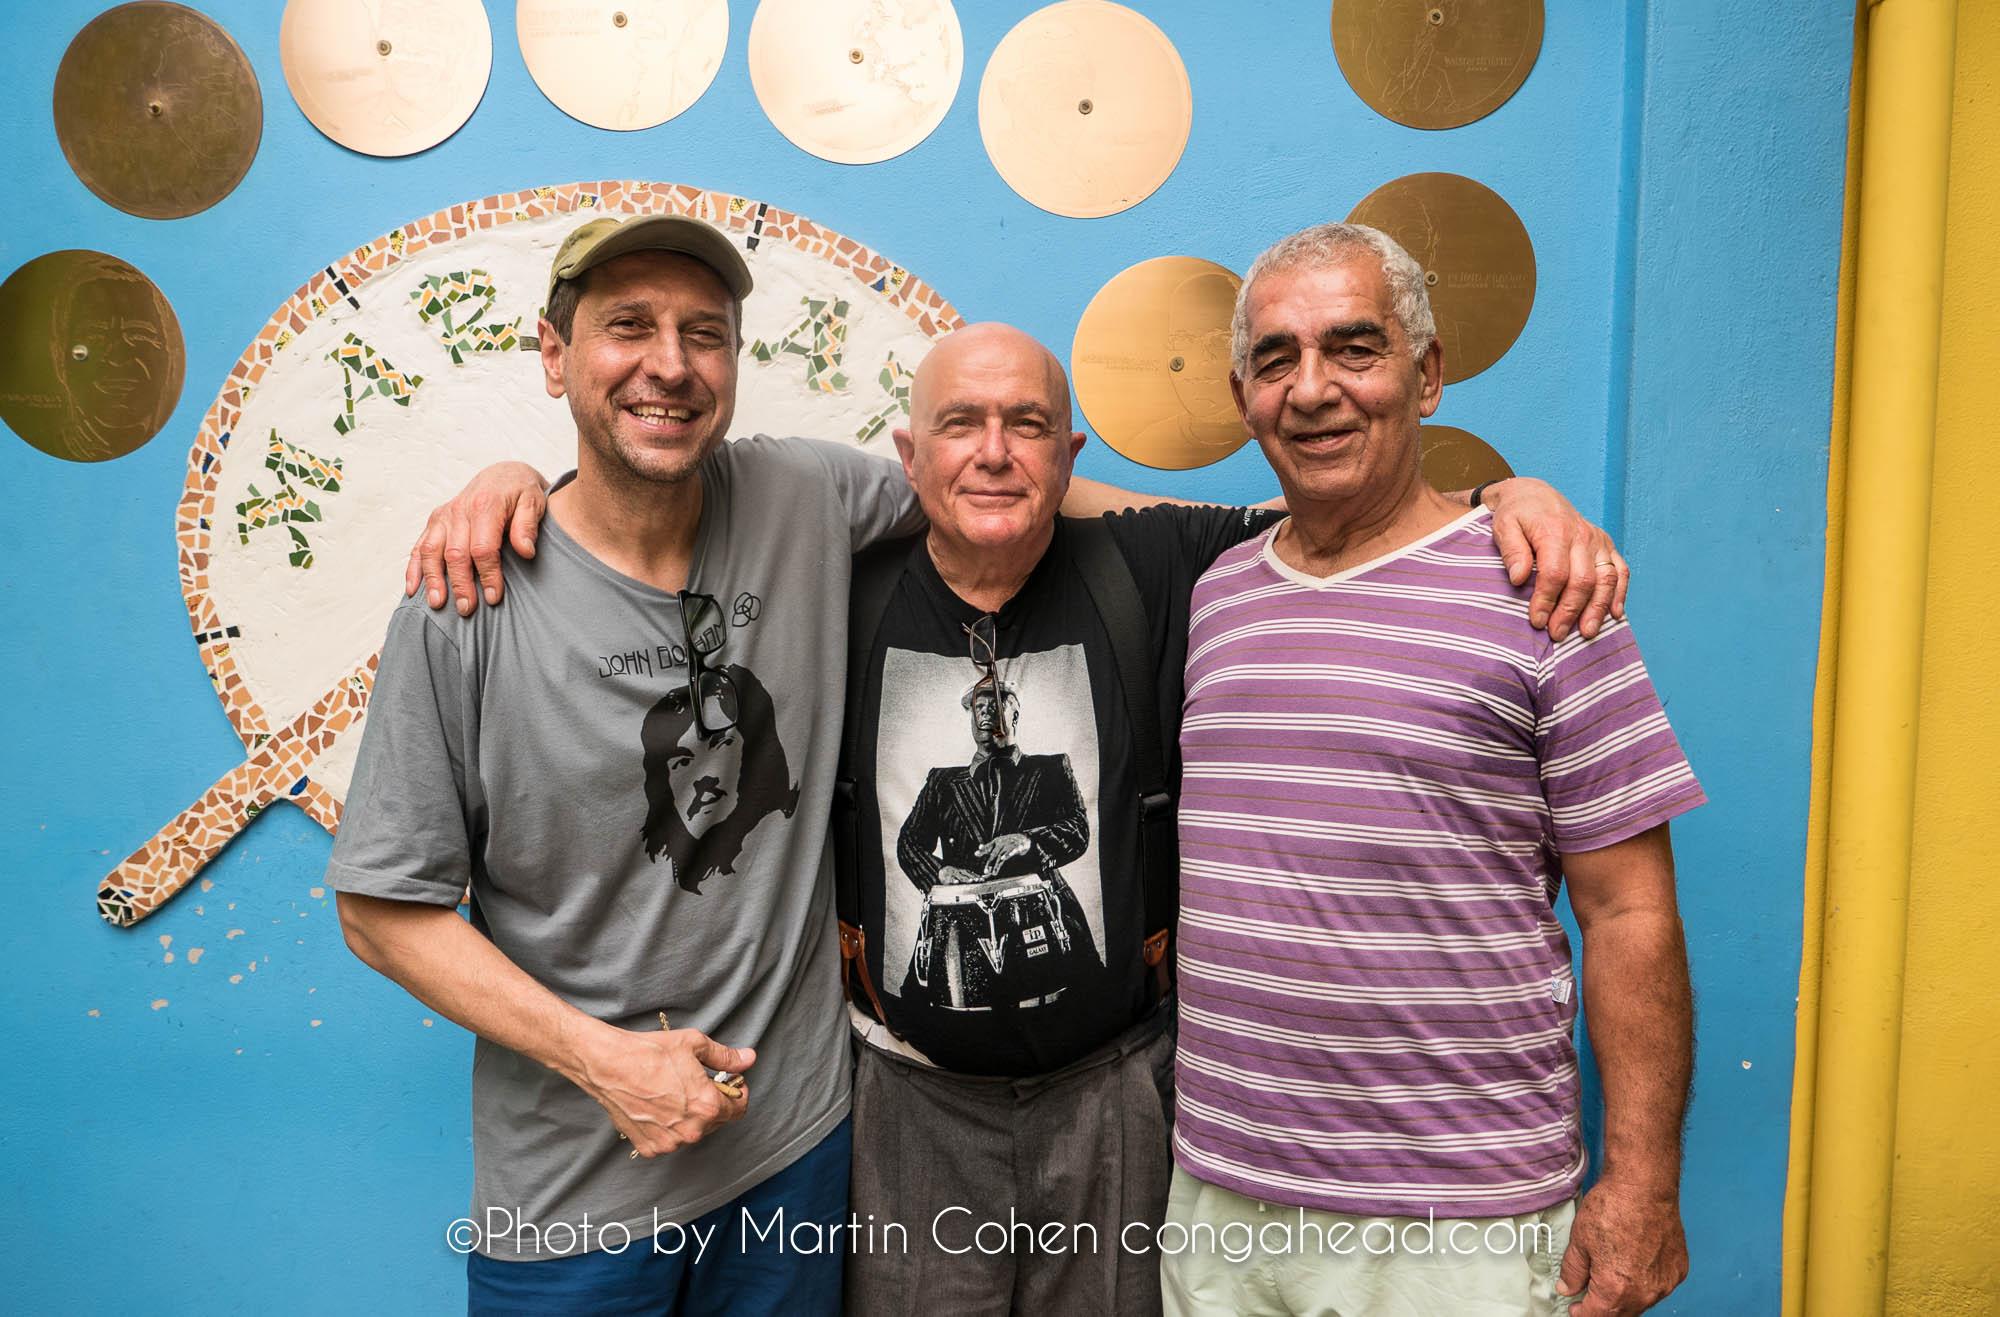 Guto Goffi, Martin Cohen and Laudir de Oliveira